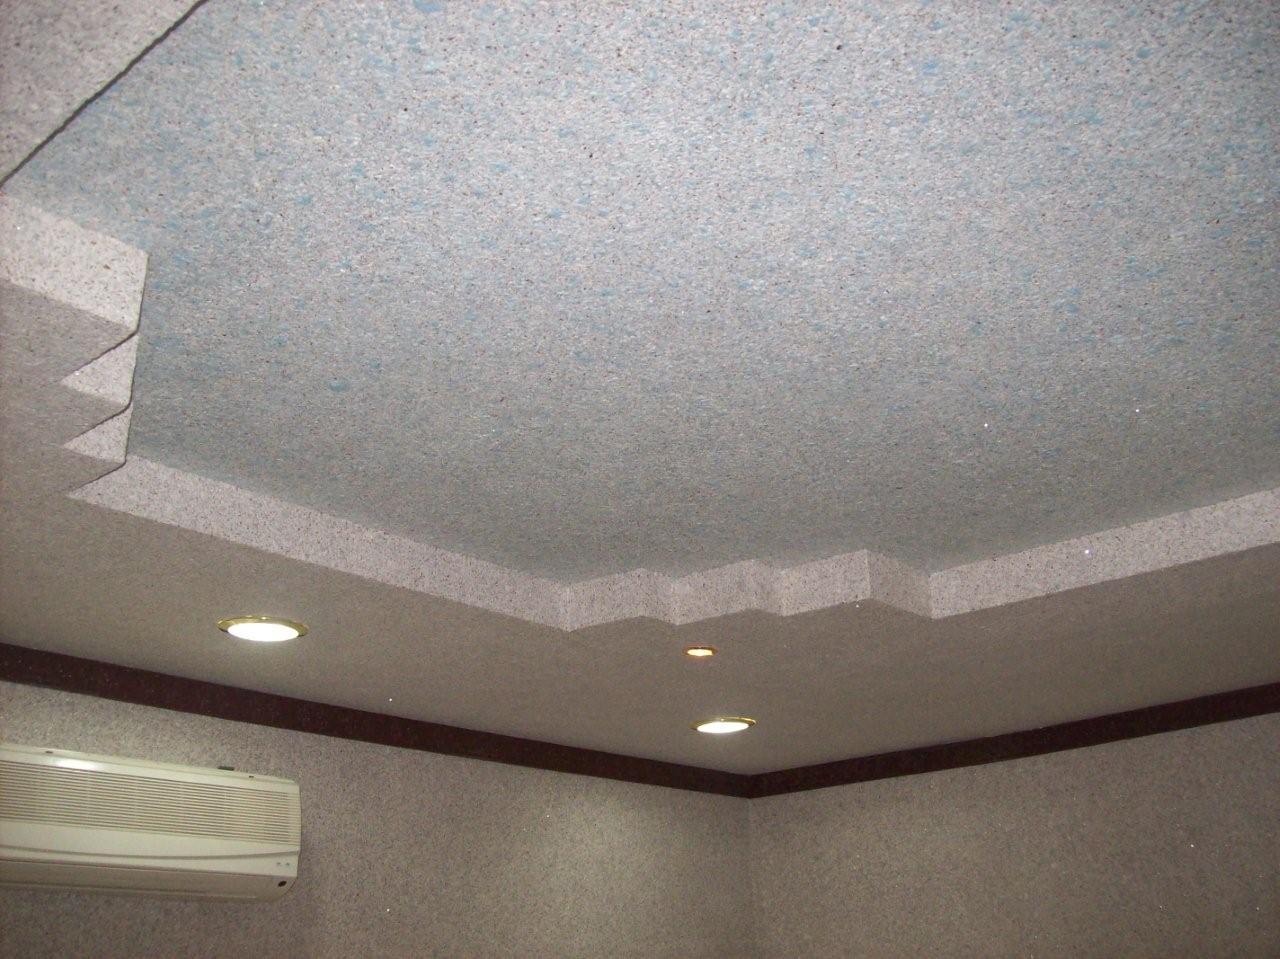 Жидкие обои – отличное решение для потолков со сложной формой